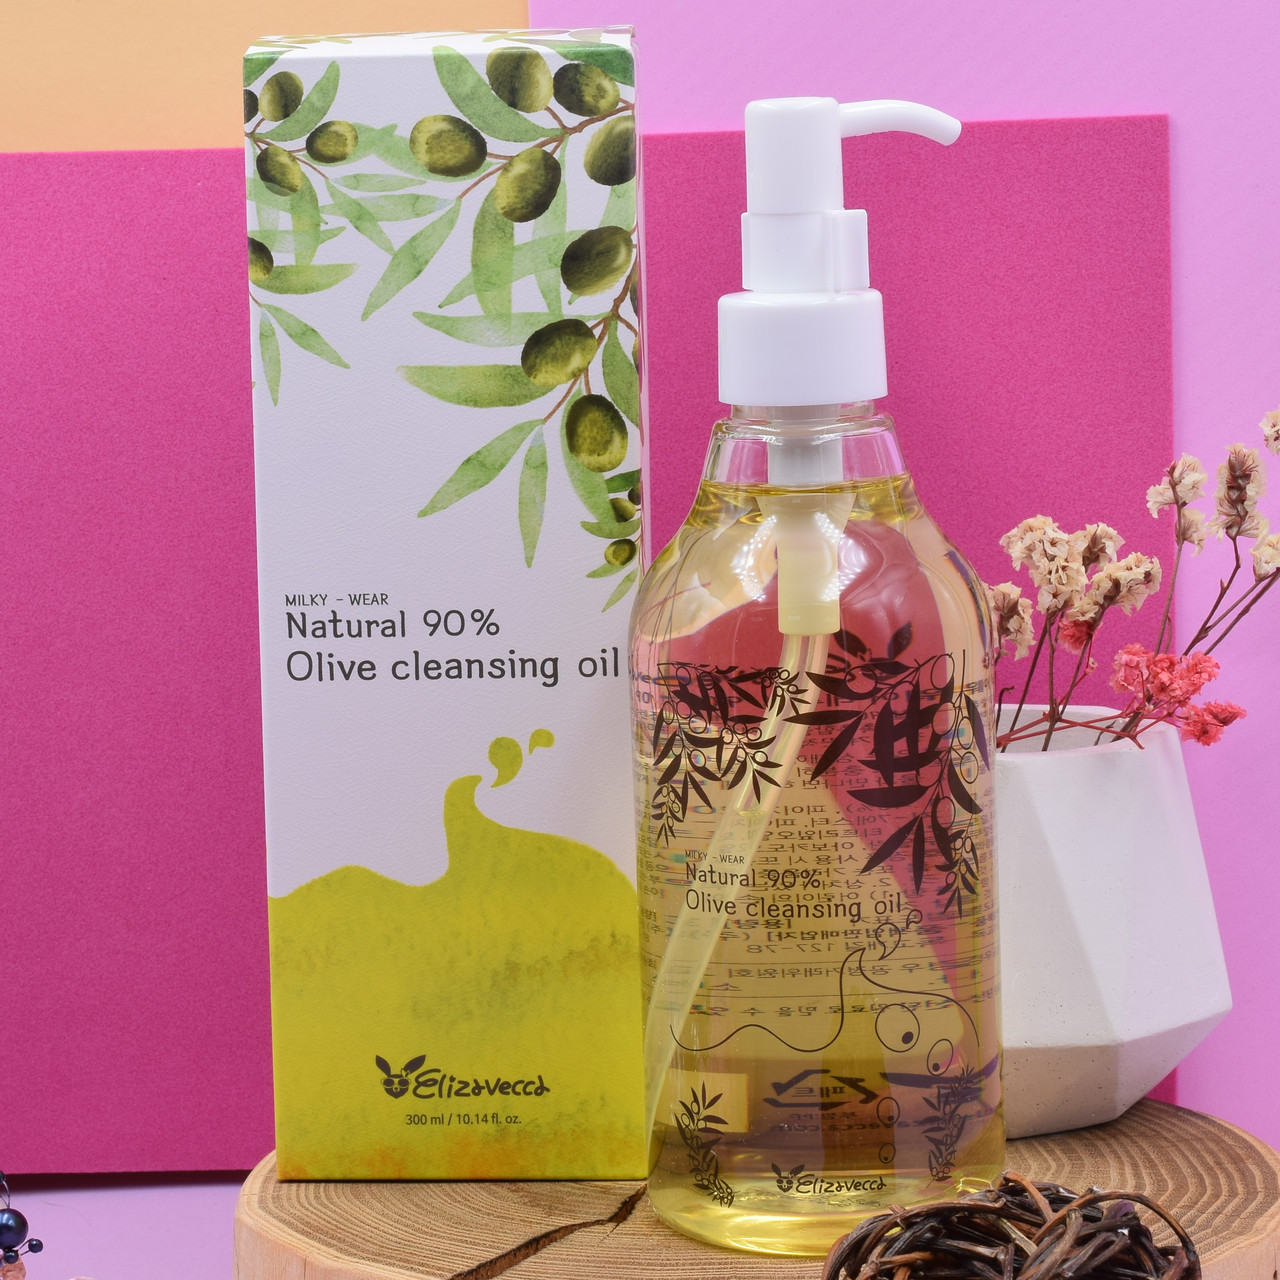 Гидрофильное масло для умывания Elizavecca с содержанием оливкового масла 90% Natural 90% Olive Cleansing Oil